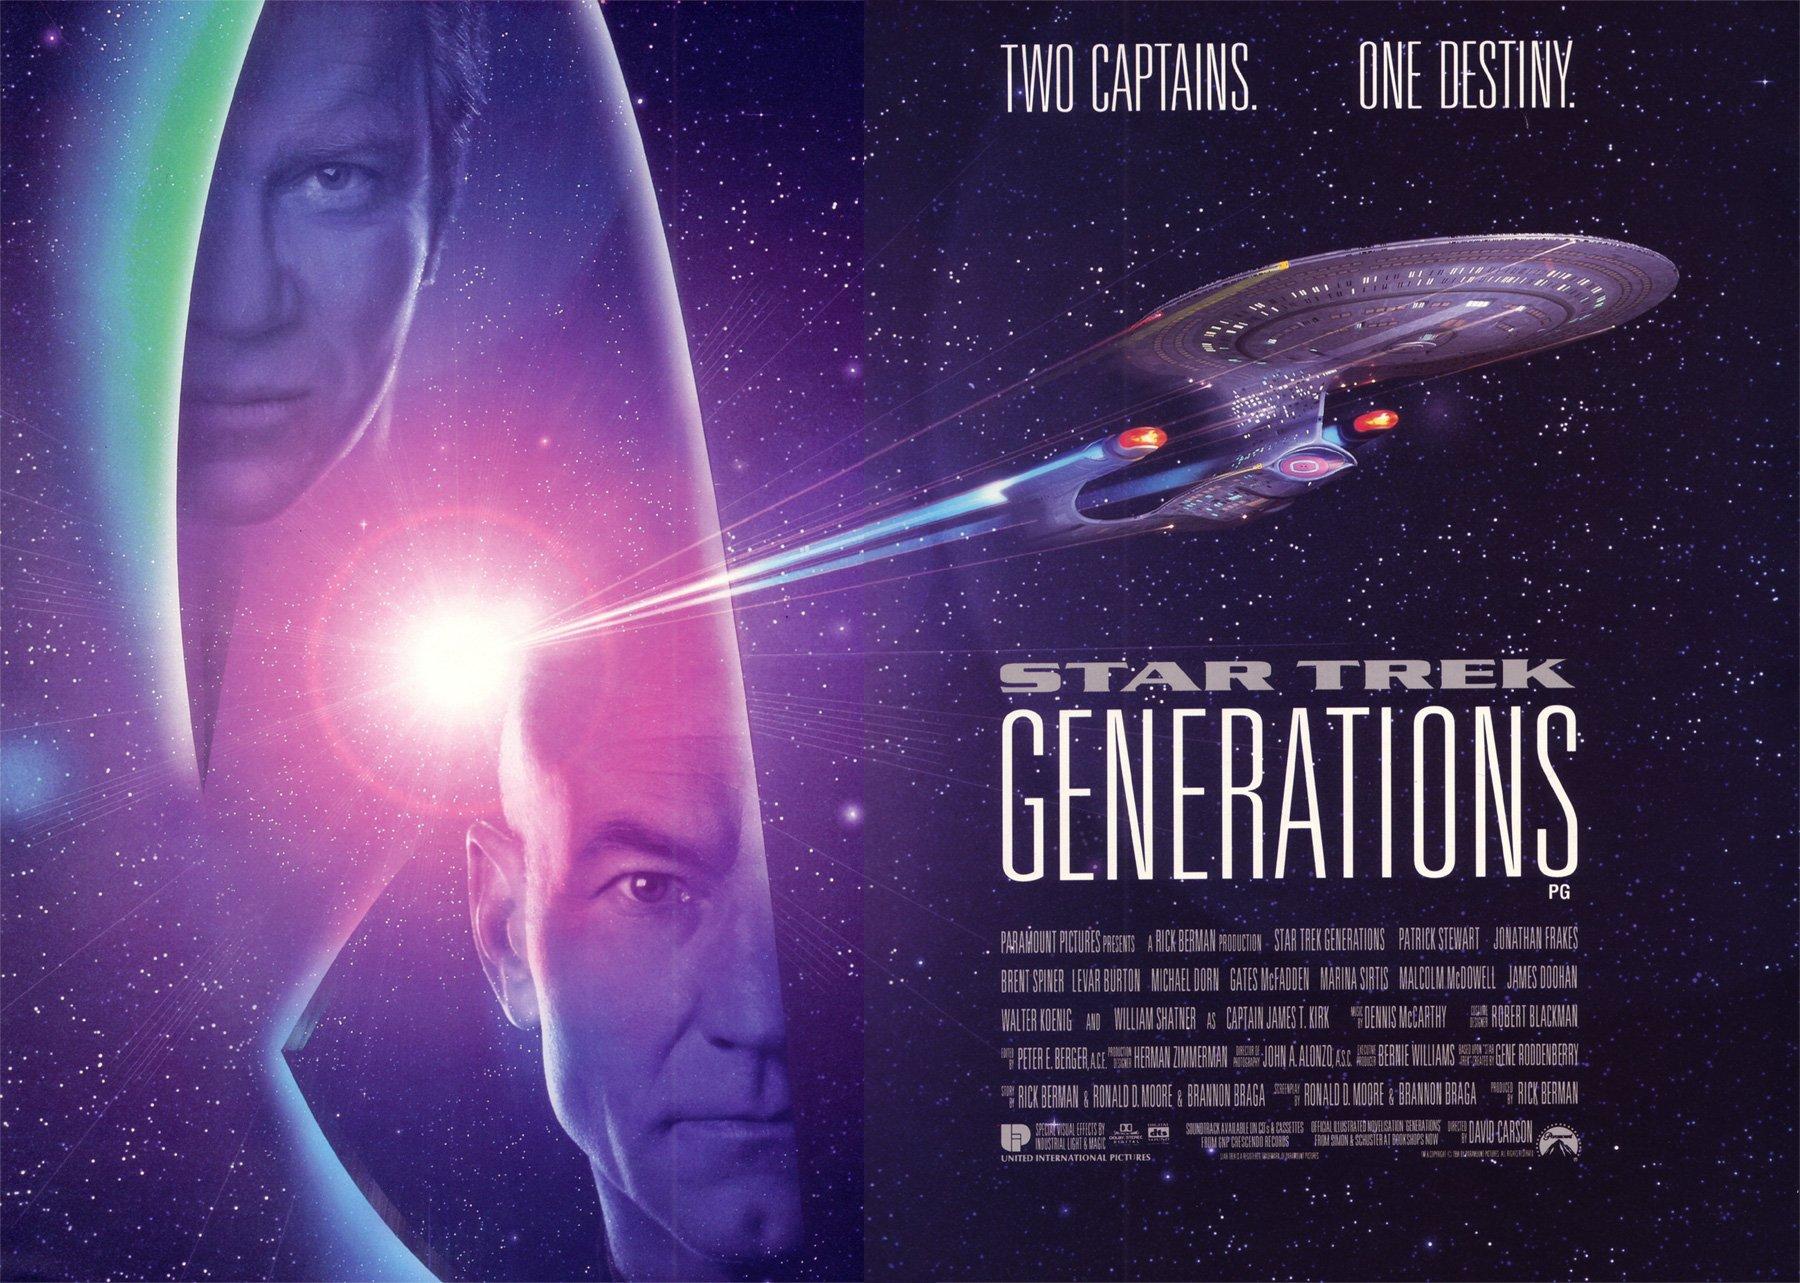 Susret dva mitska kapetana glavna je okosnica filma (Credit: Paramount)